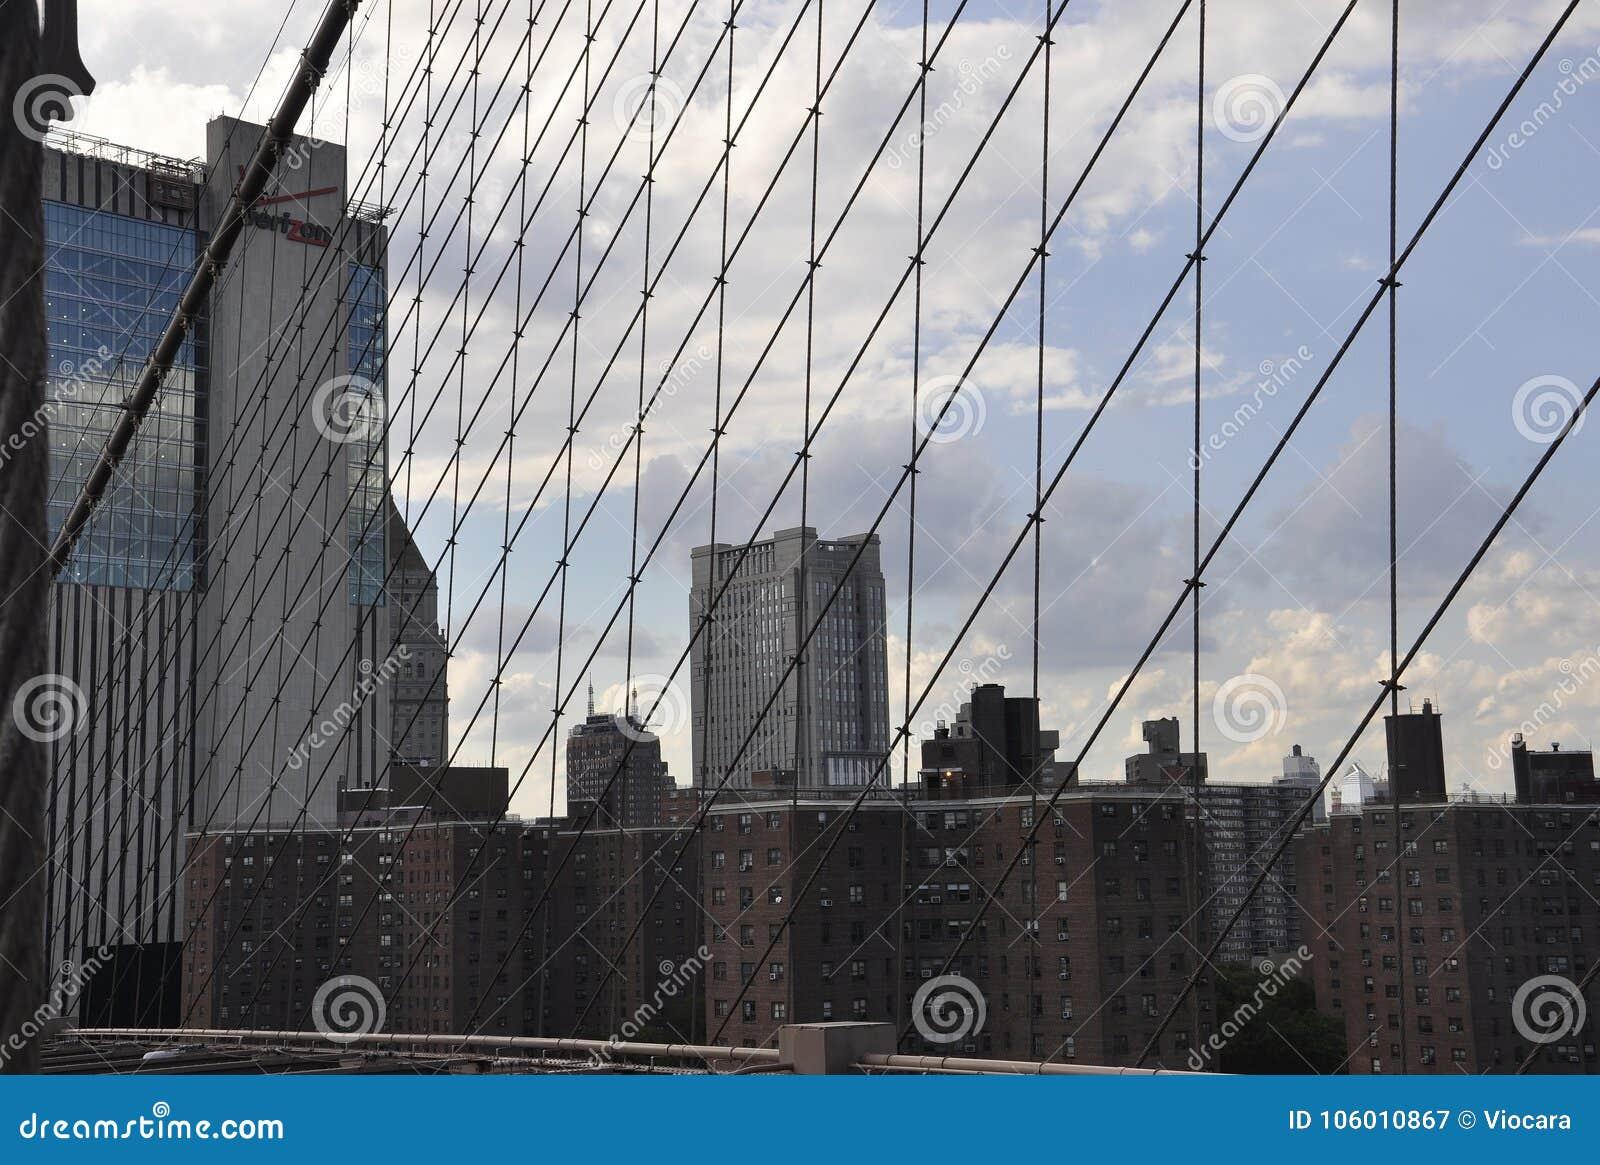 Lower Manhattan widok od mosta brooklyńskiego nad Wschodnią rzeką od Miasto Nowy Jork w Stany Zjednoczone